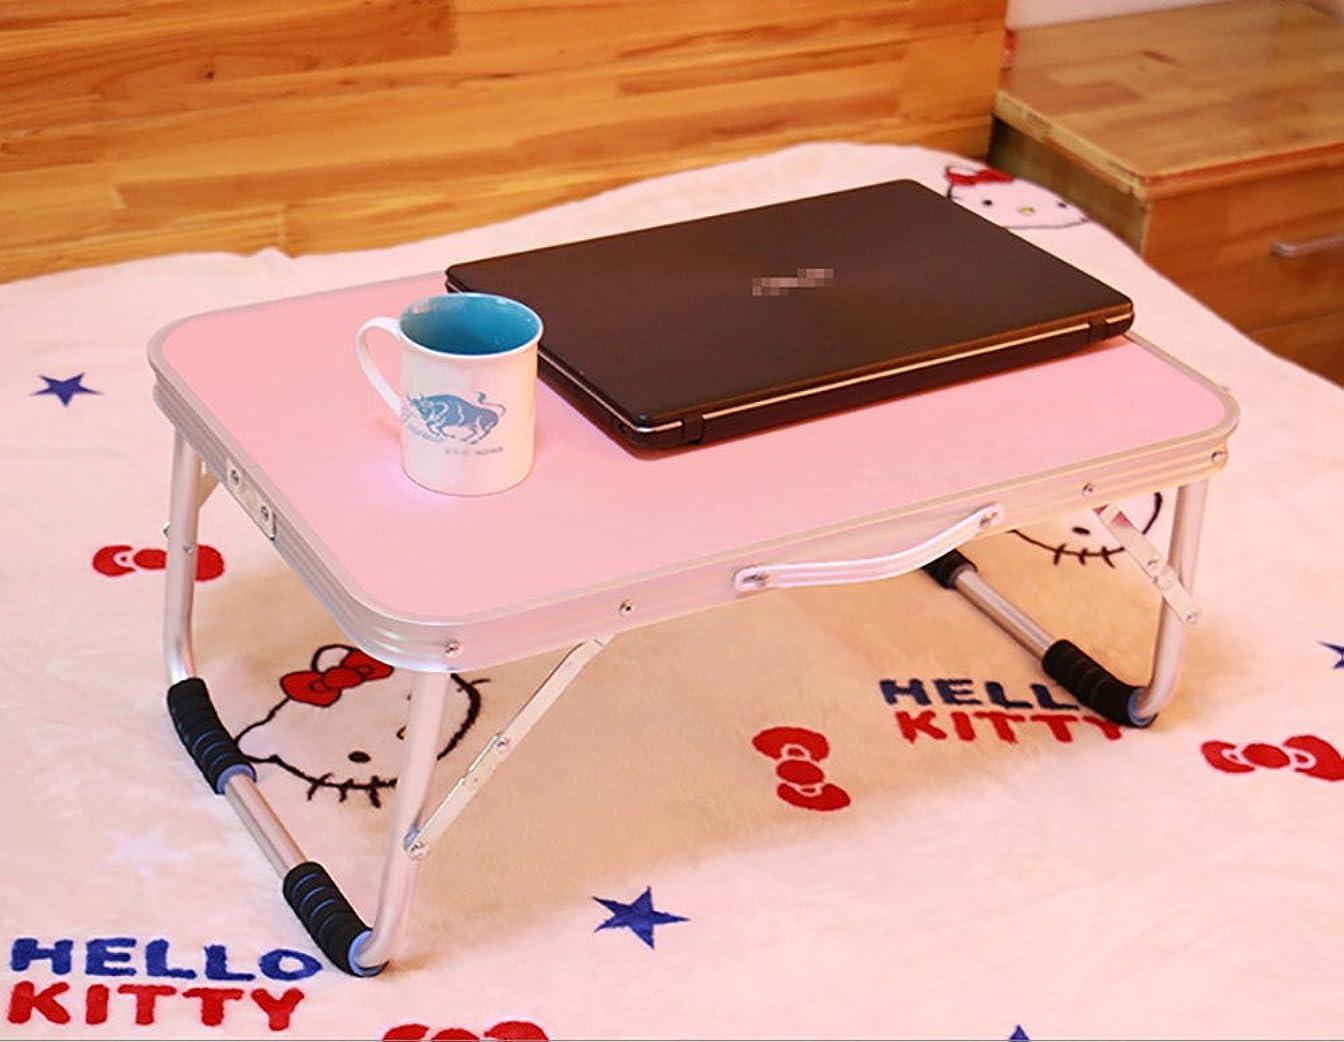 トーナメントかんがい離れたmorfone ローテーブル  座卓 軽量 折りたたみ テーブル 折れ脚  ちゃぶ台 和風 安定性が強い ピンク